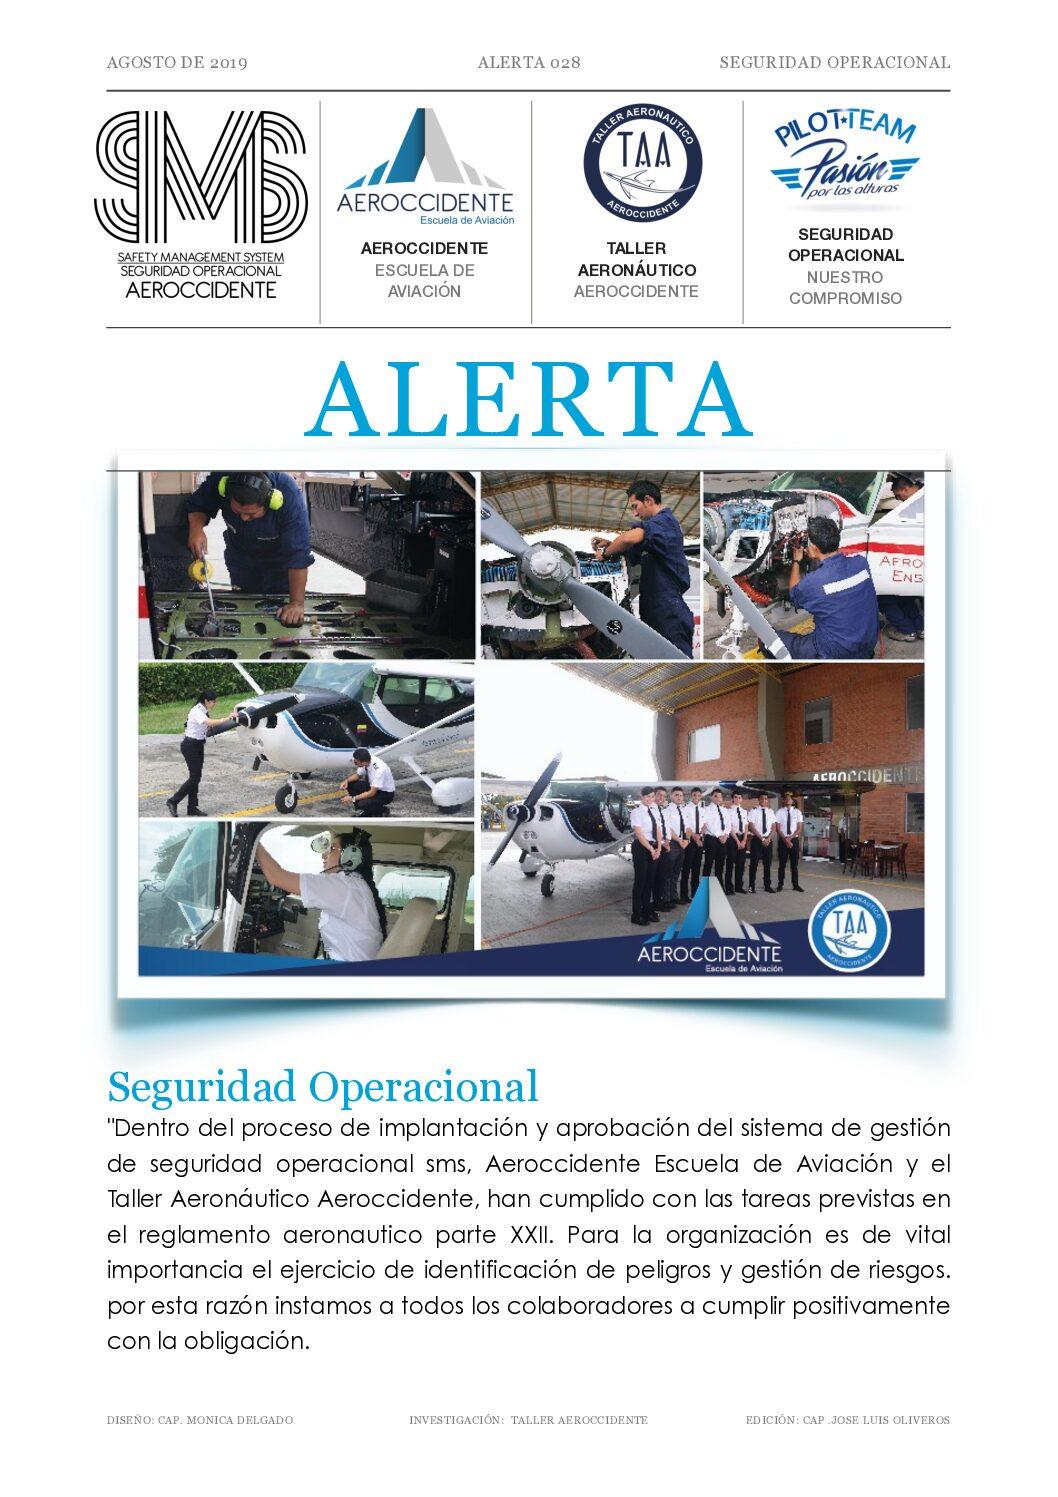 028 Puerta de Acceso al Aeropuerto Bonilla Aragón